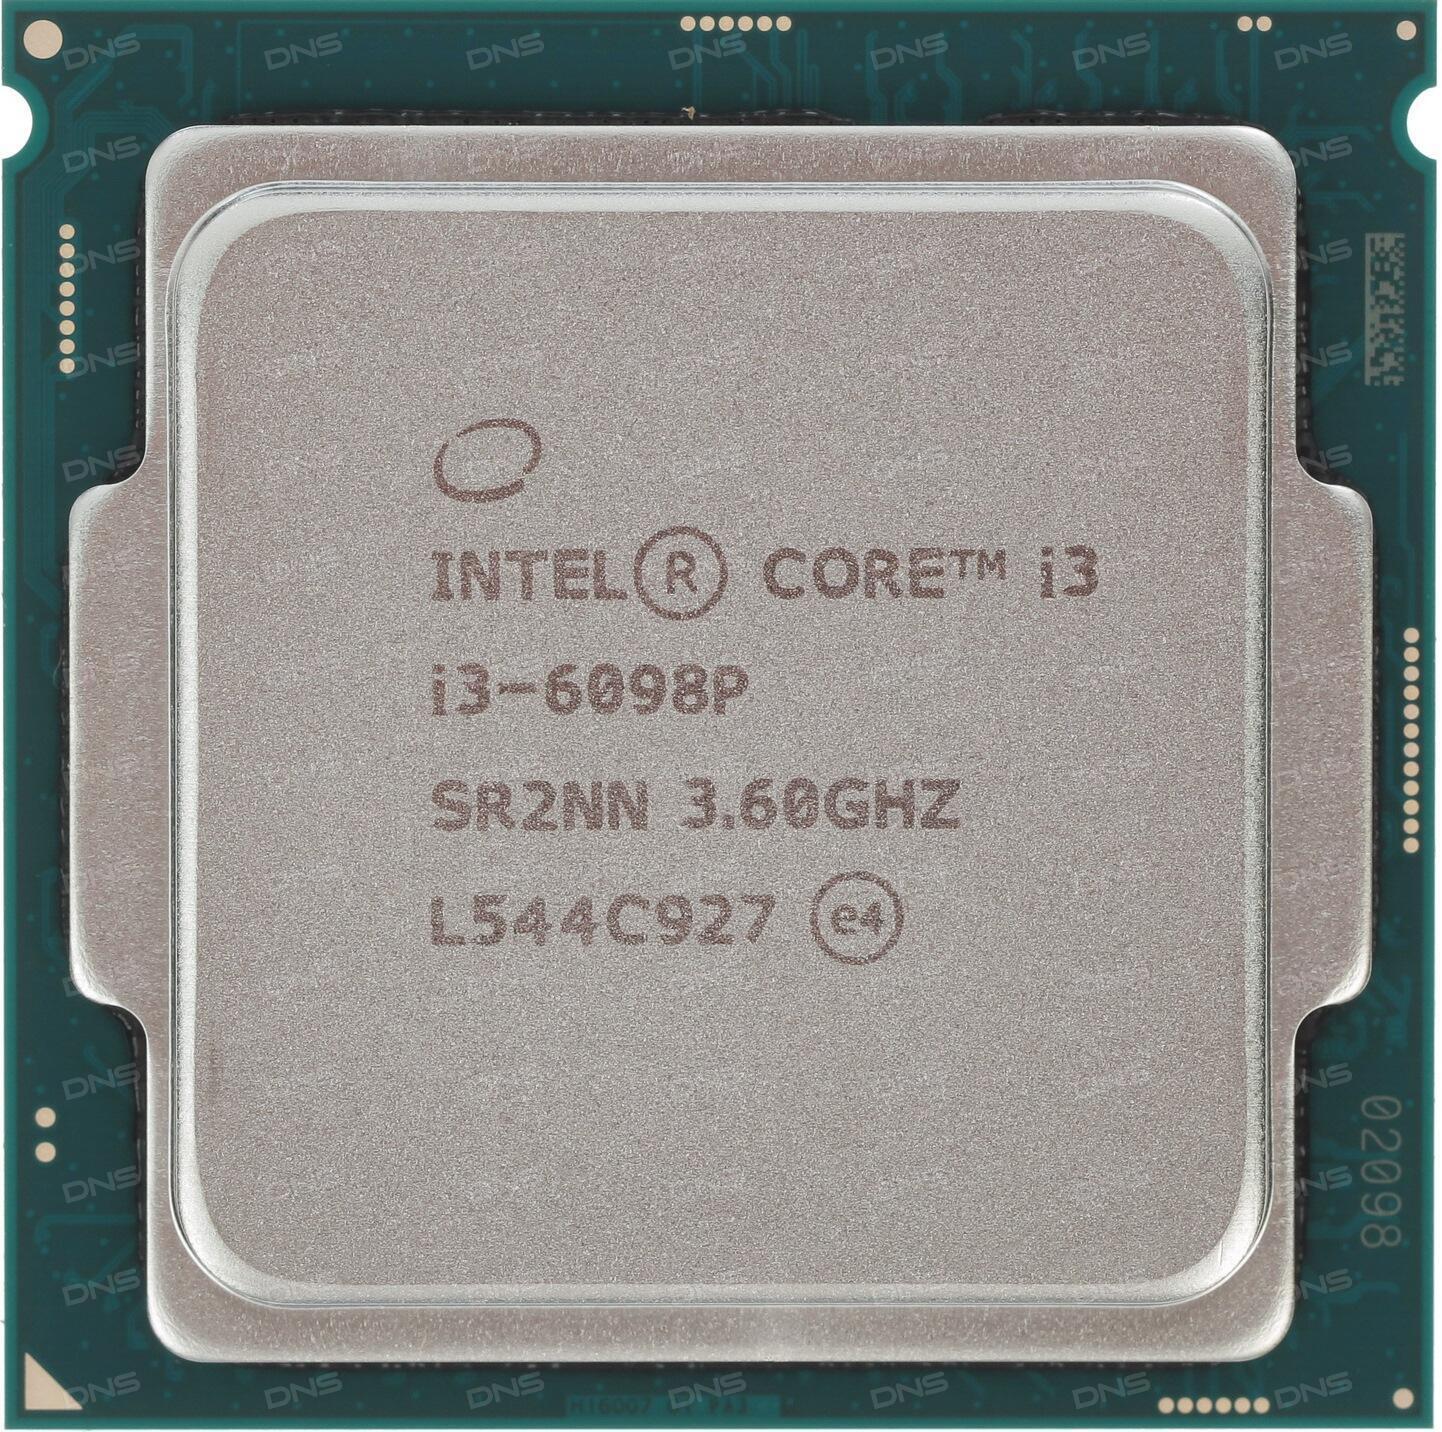 Правда, у core i3-7350k есть другой неоспоримый плюс: разблокированный множитель